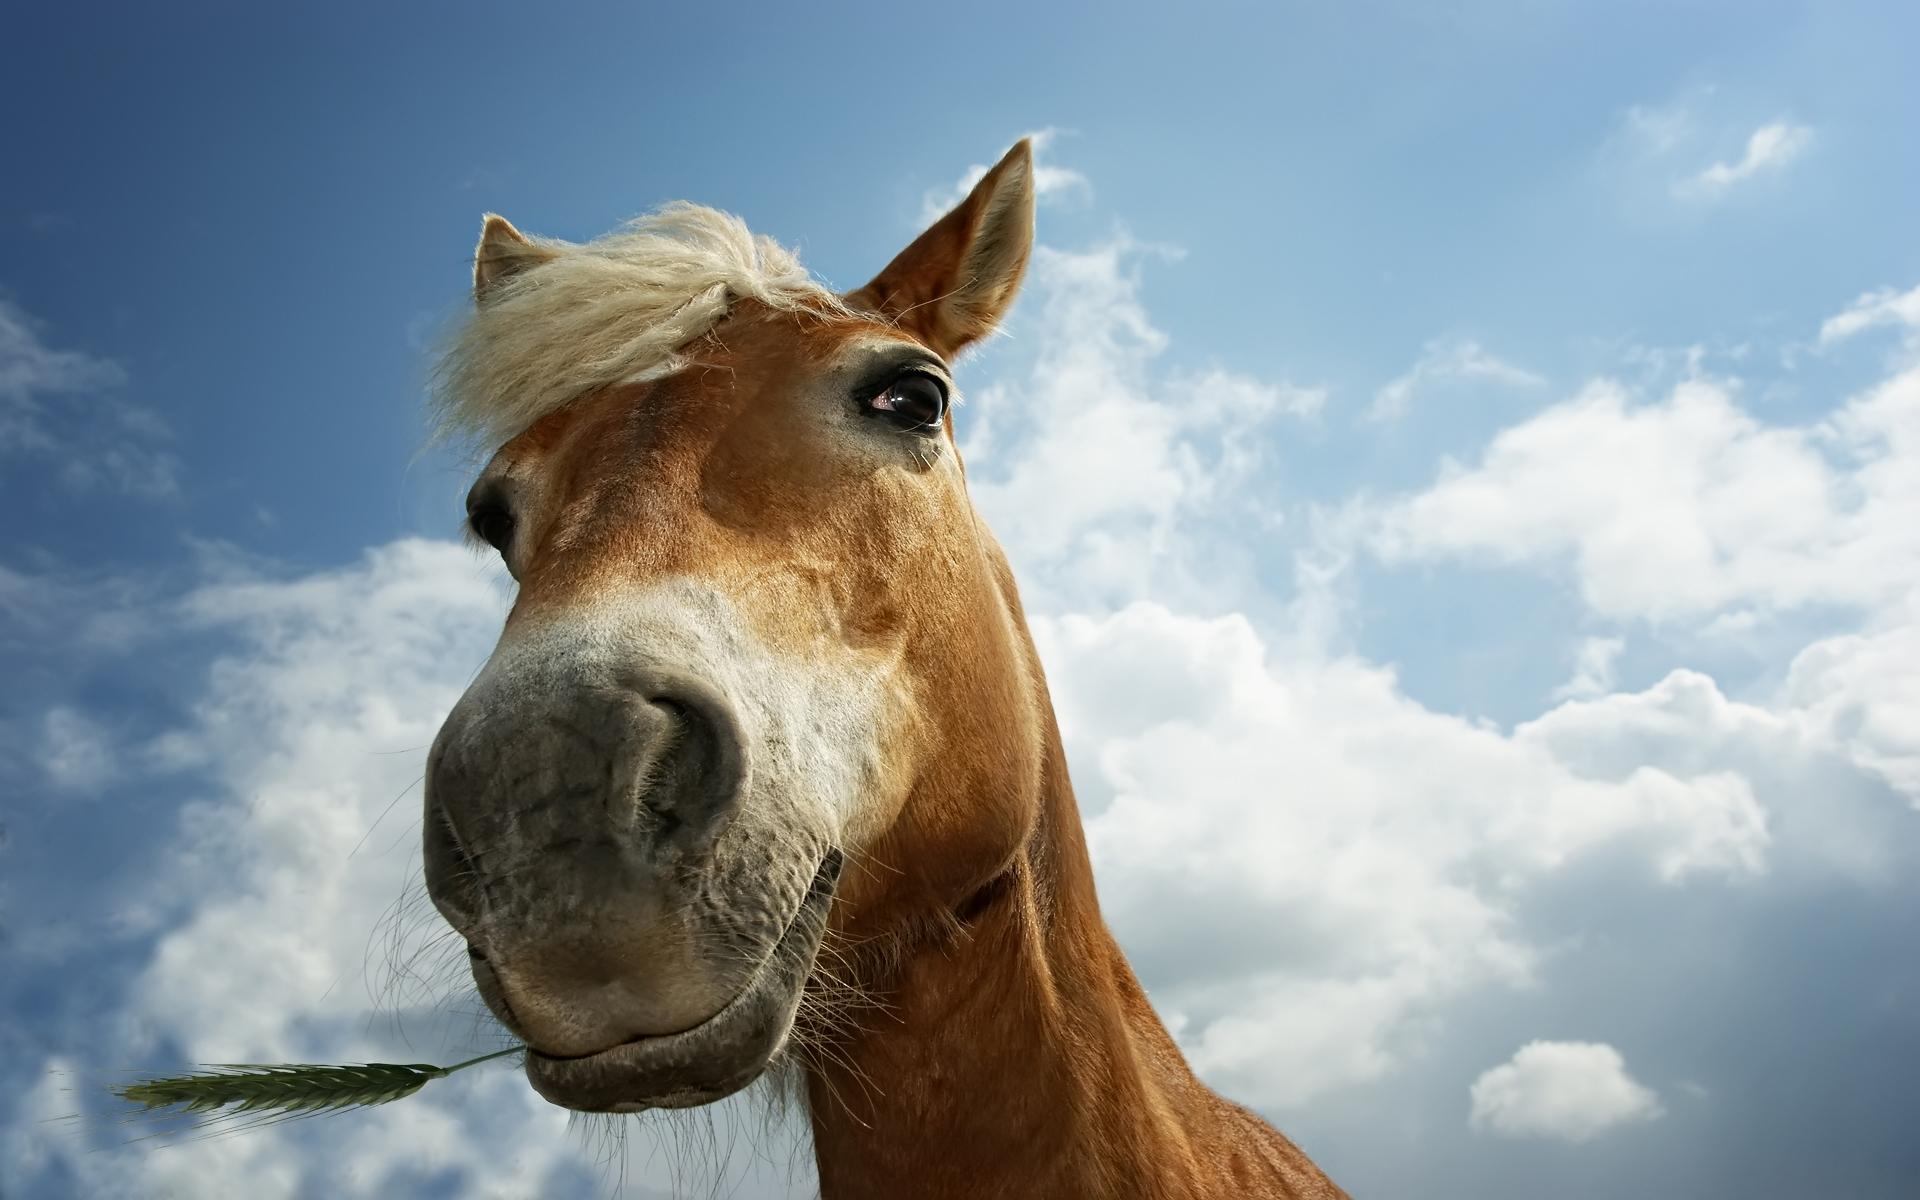 Horse wallpaper 193488 1920x1200